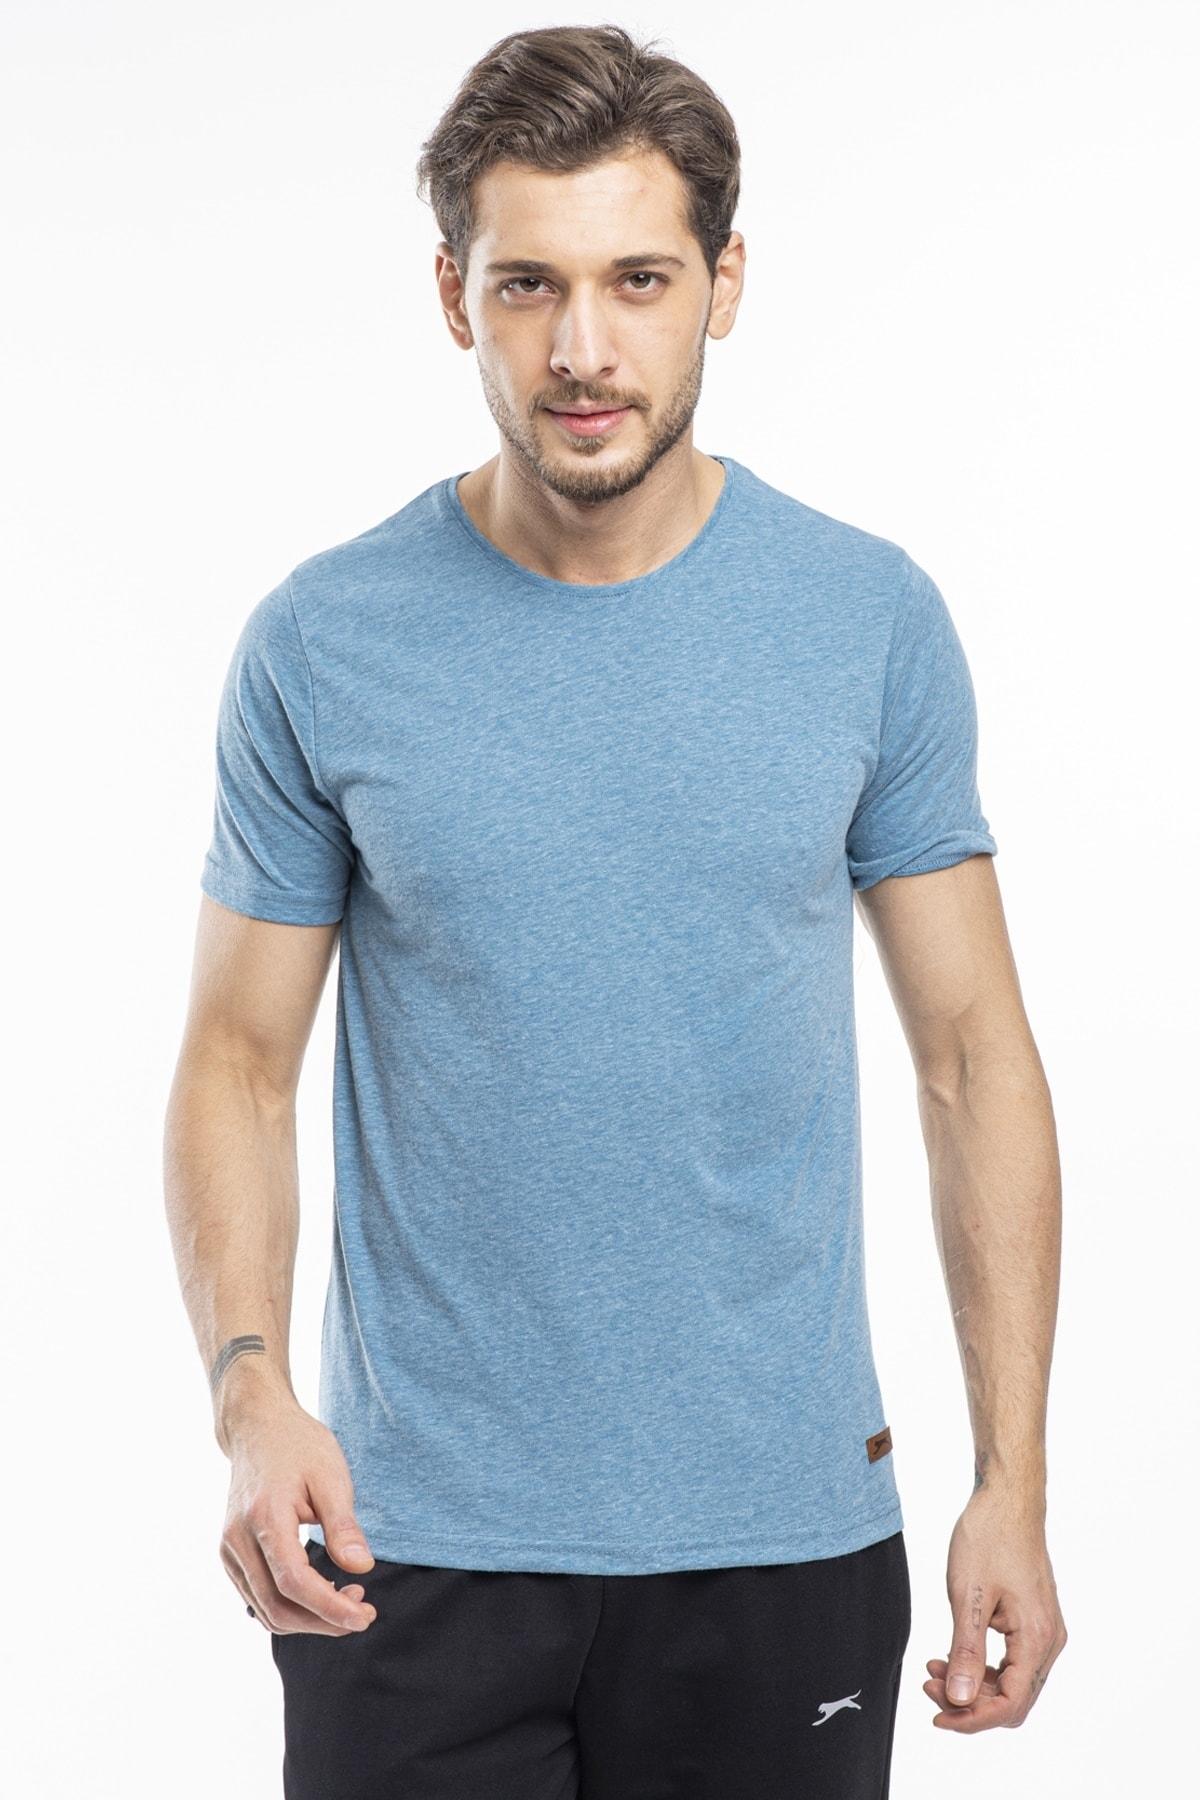 Bıon Erkek T-shirt Petrol St11te111